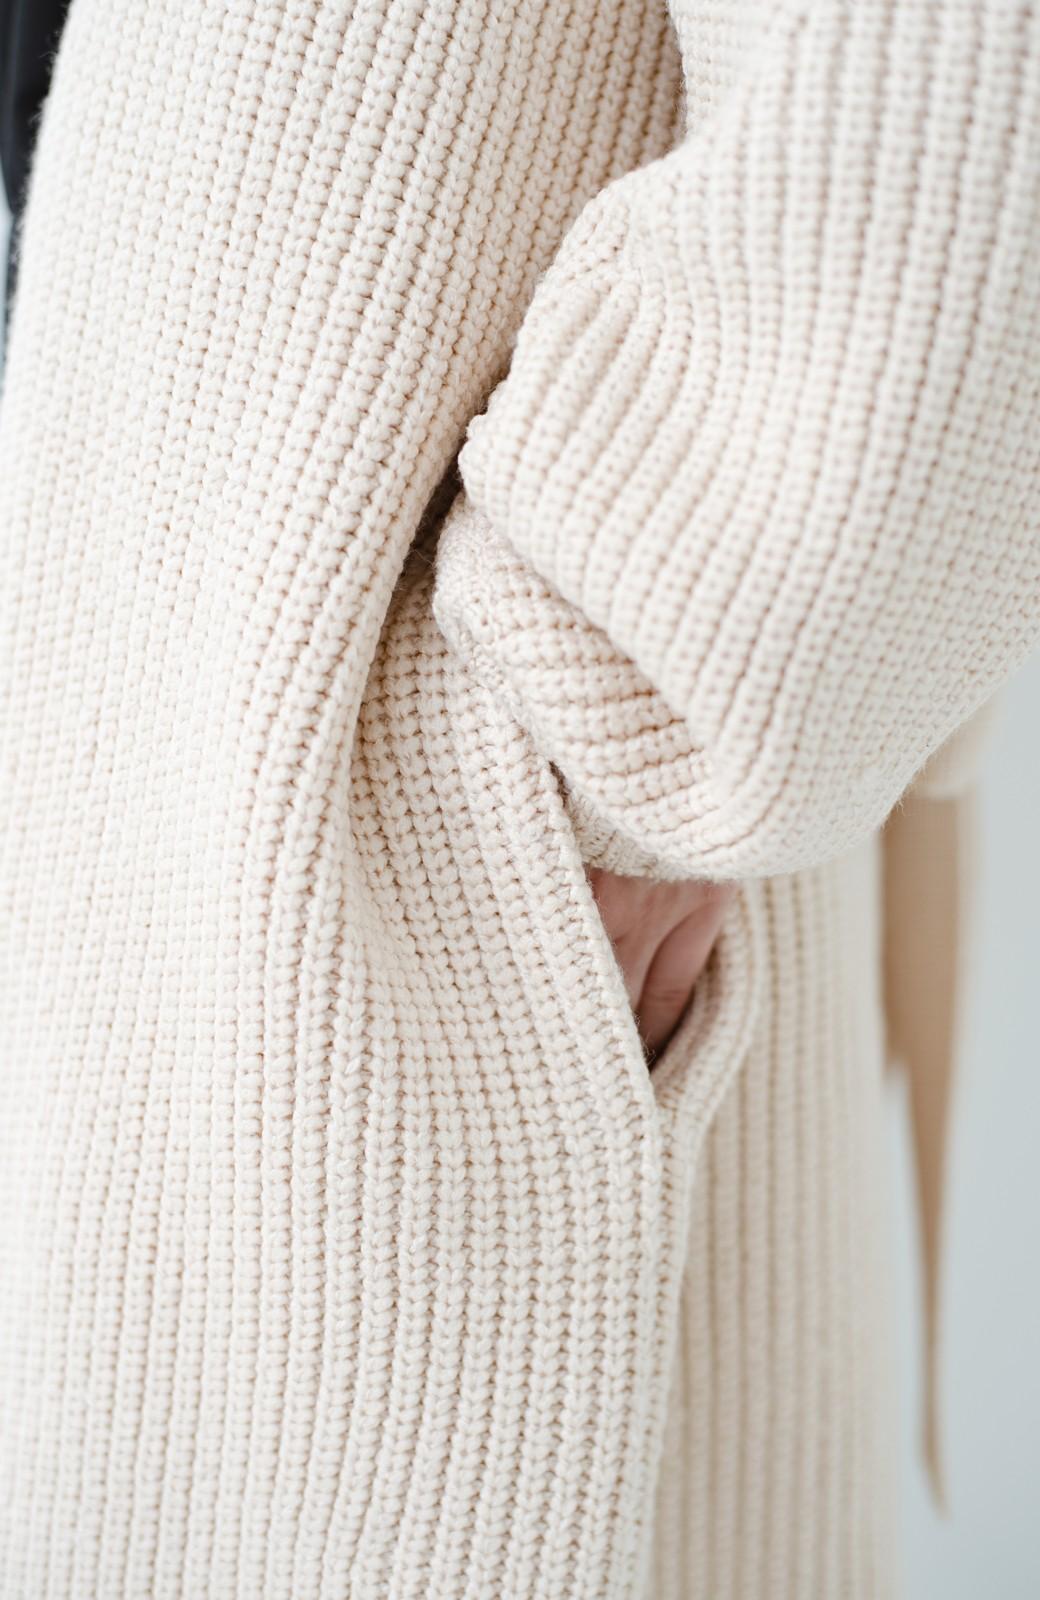 haco! さっと羽織るのにちょうどいい ぷっくり袖のあぜ編みニットガウン <アイボリー>の商品写真4